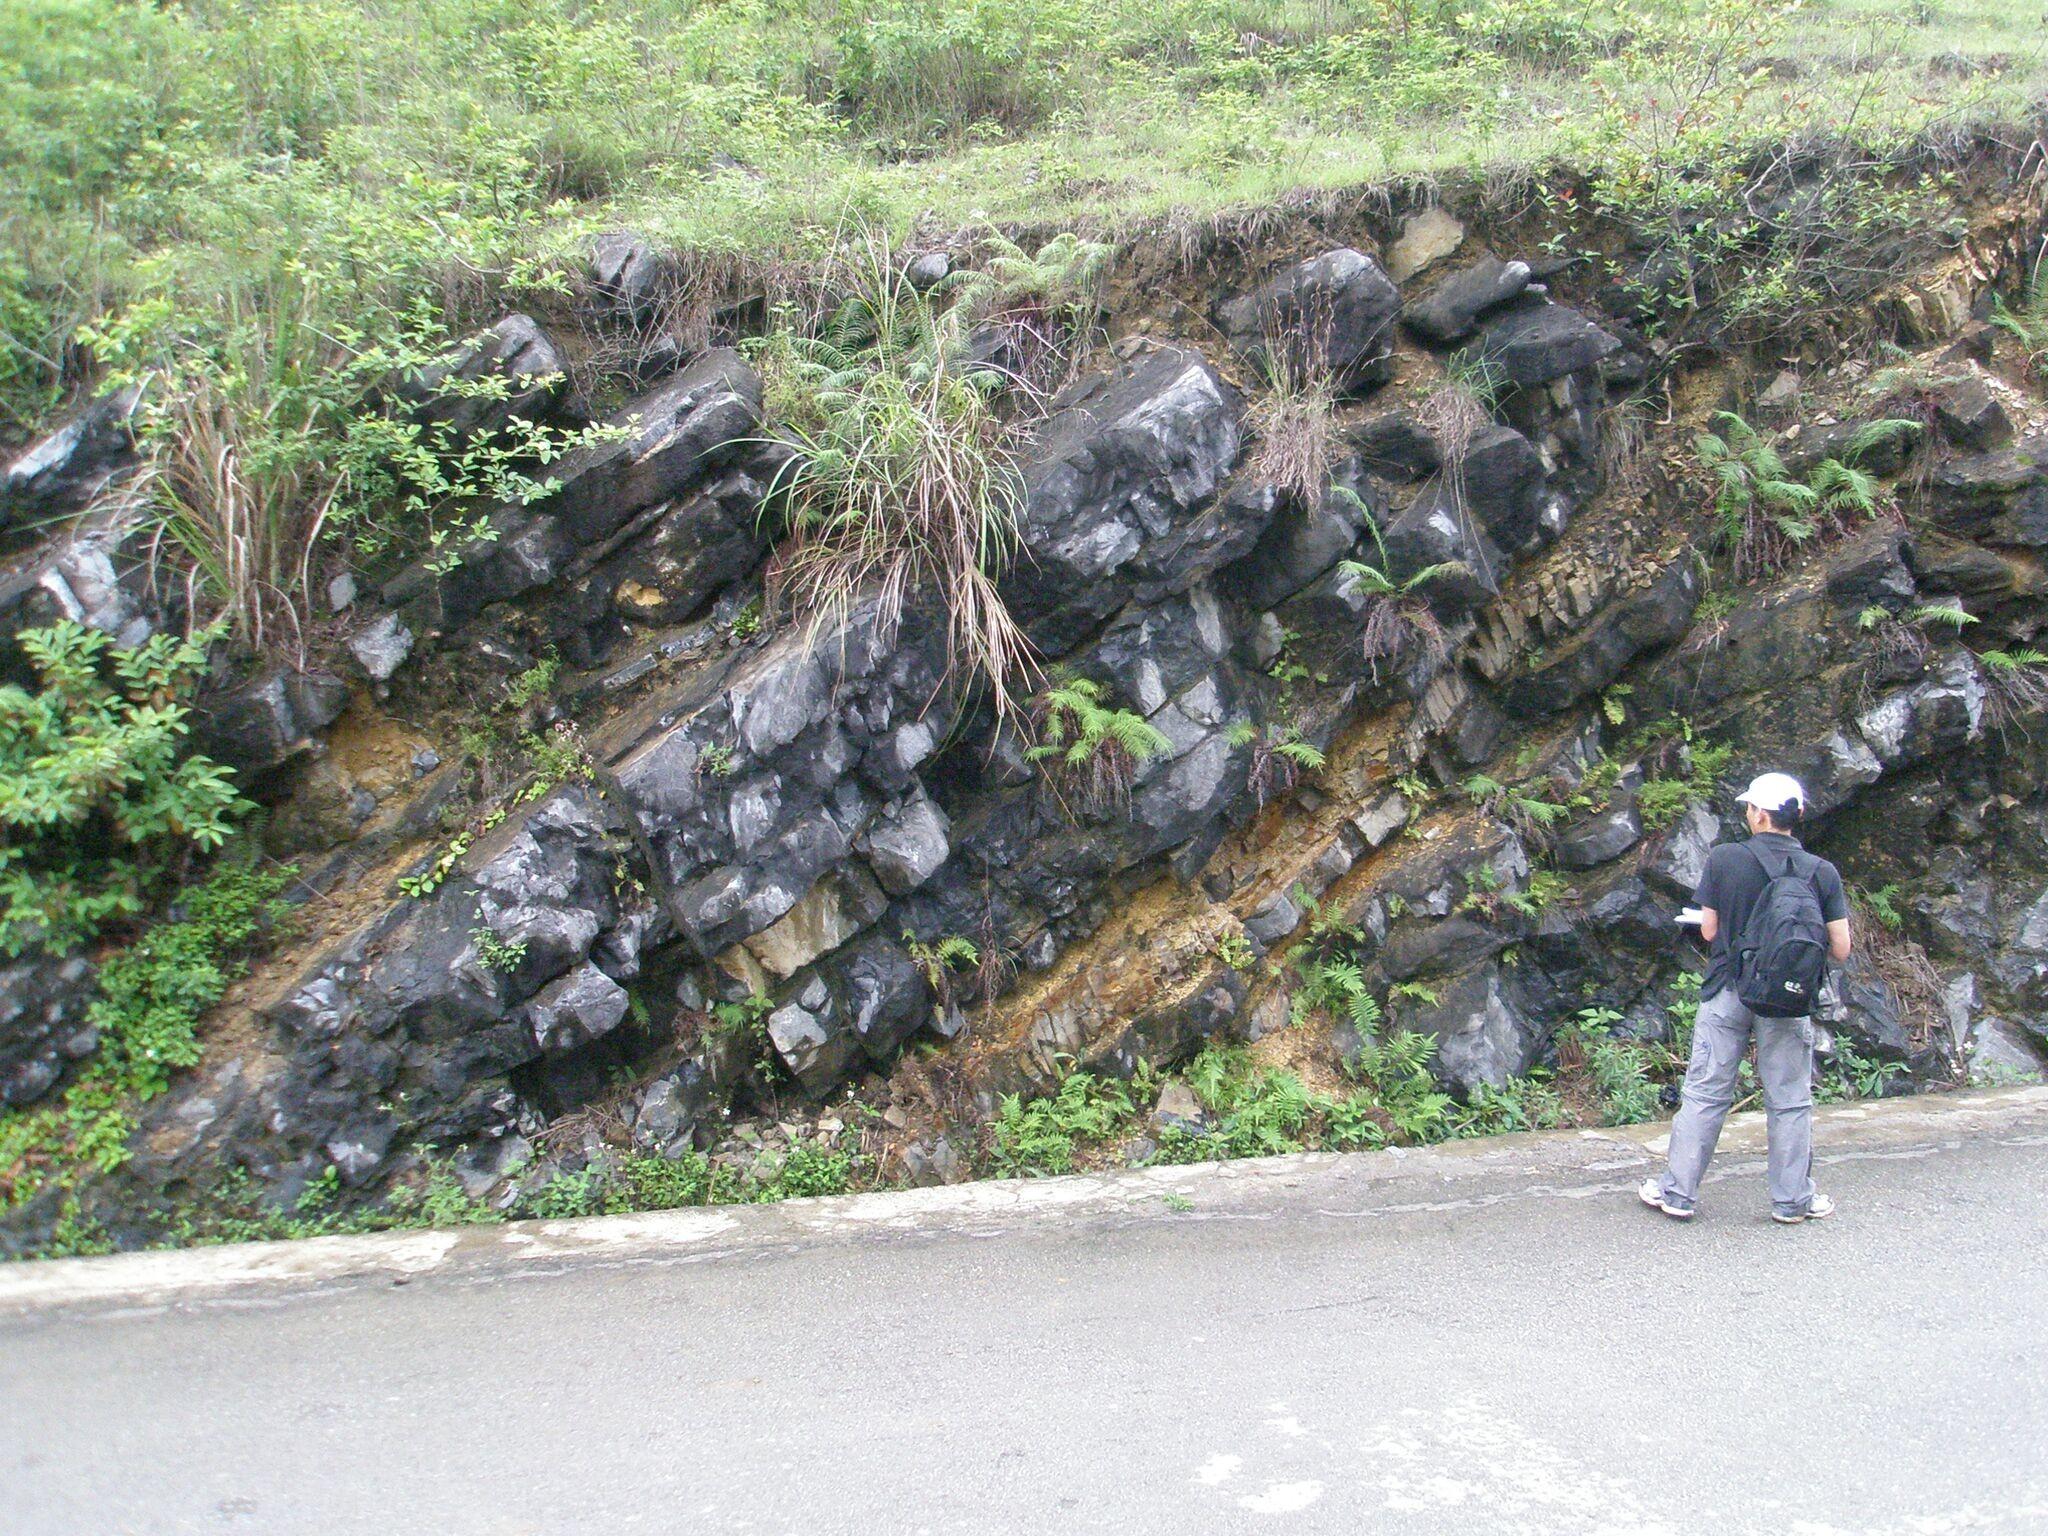 Trabalho de campo ao sul da China, próximo à fronteira com o Vietnã: geofísico do ON vai estudar rochas da região (Foto: Divulgação)